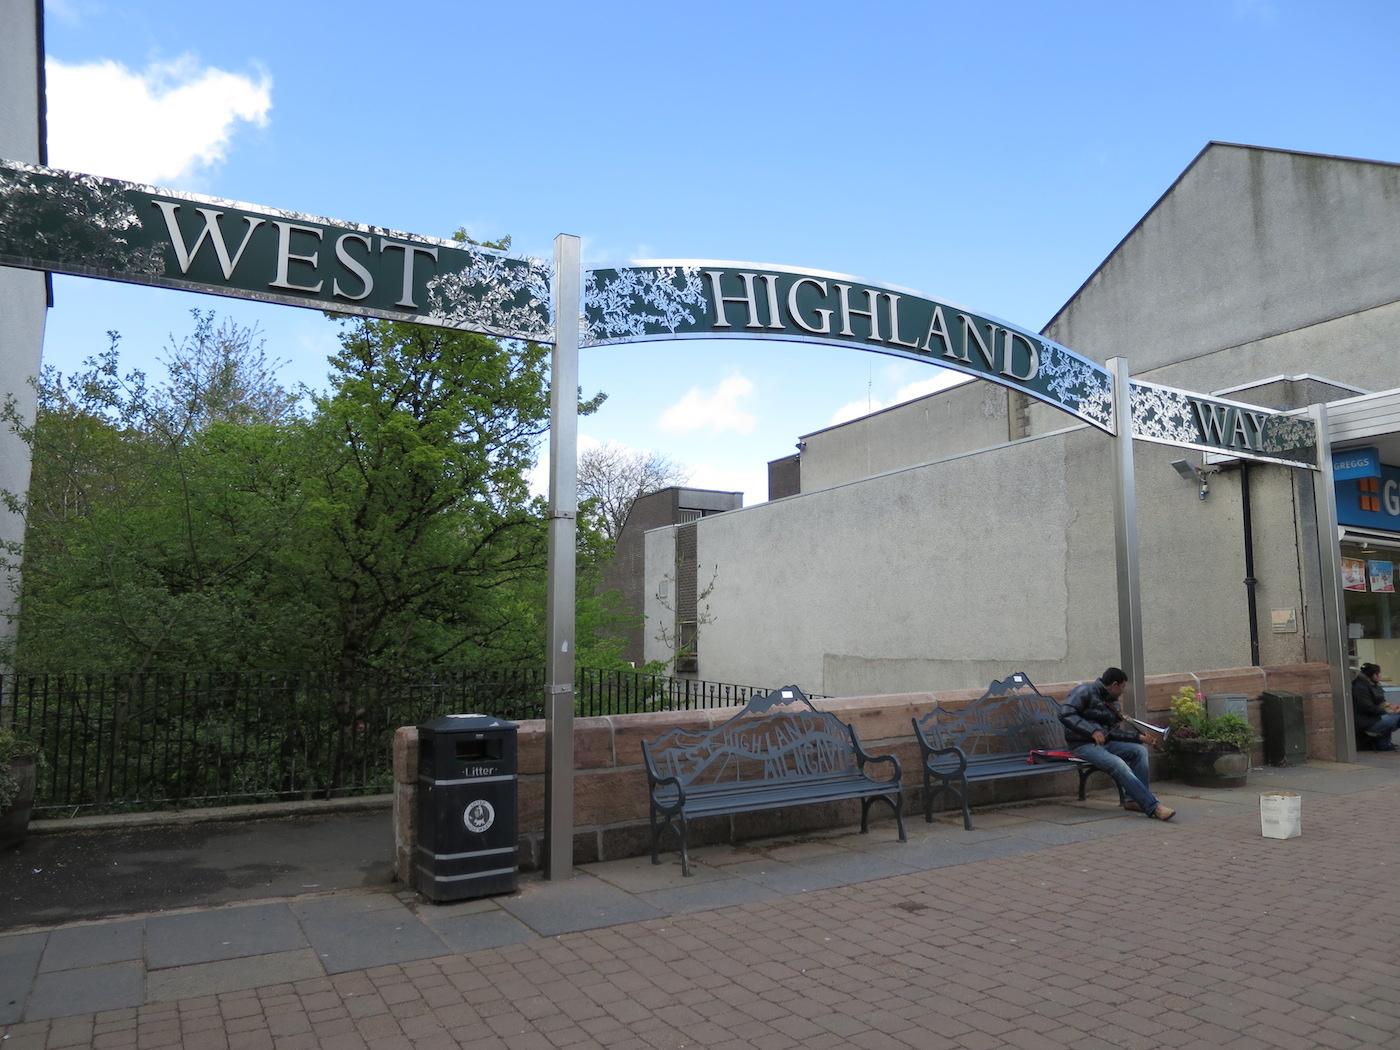 startwesthighlandway